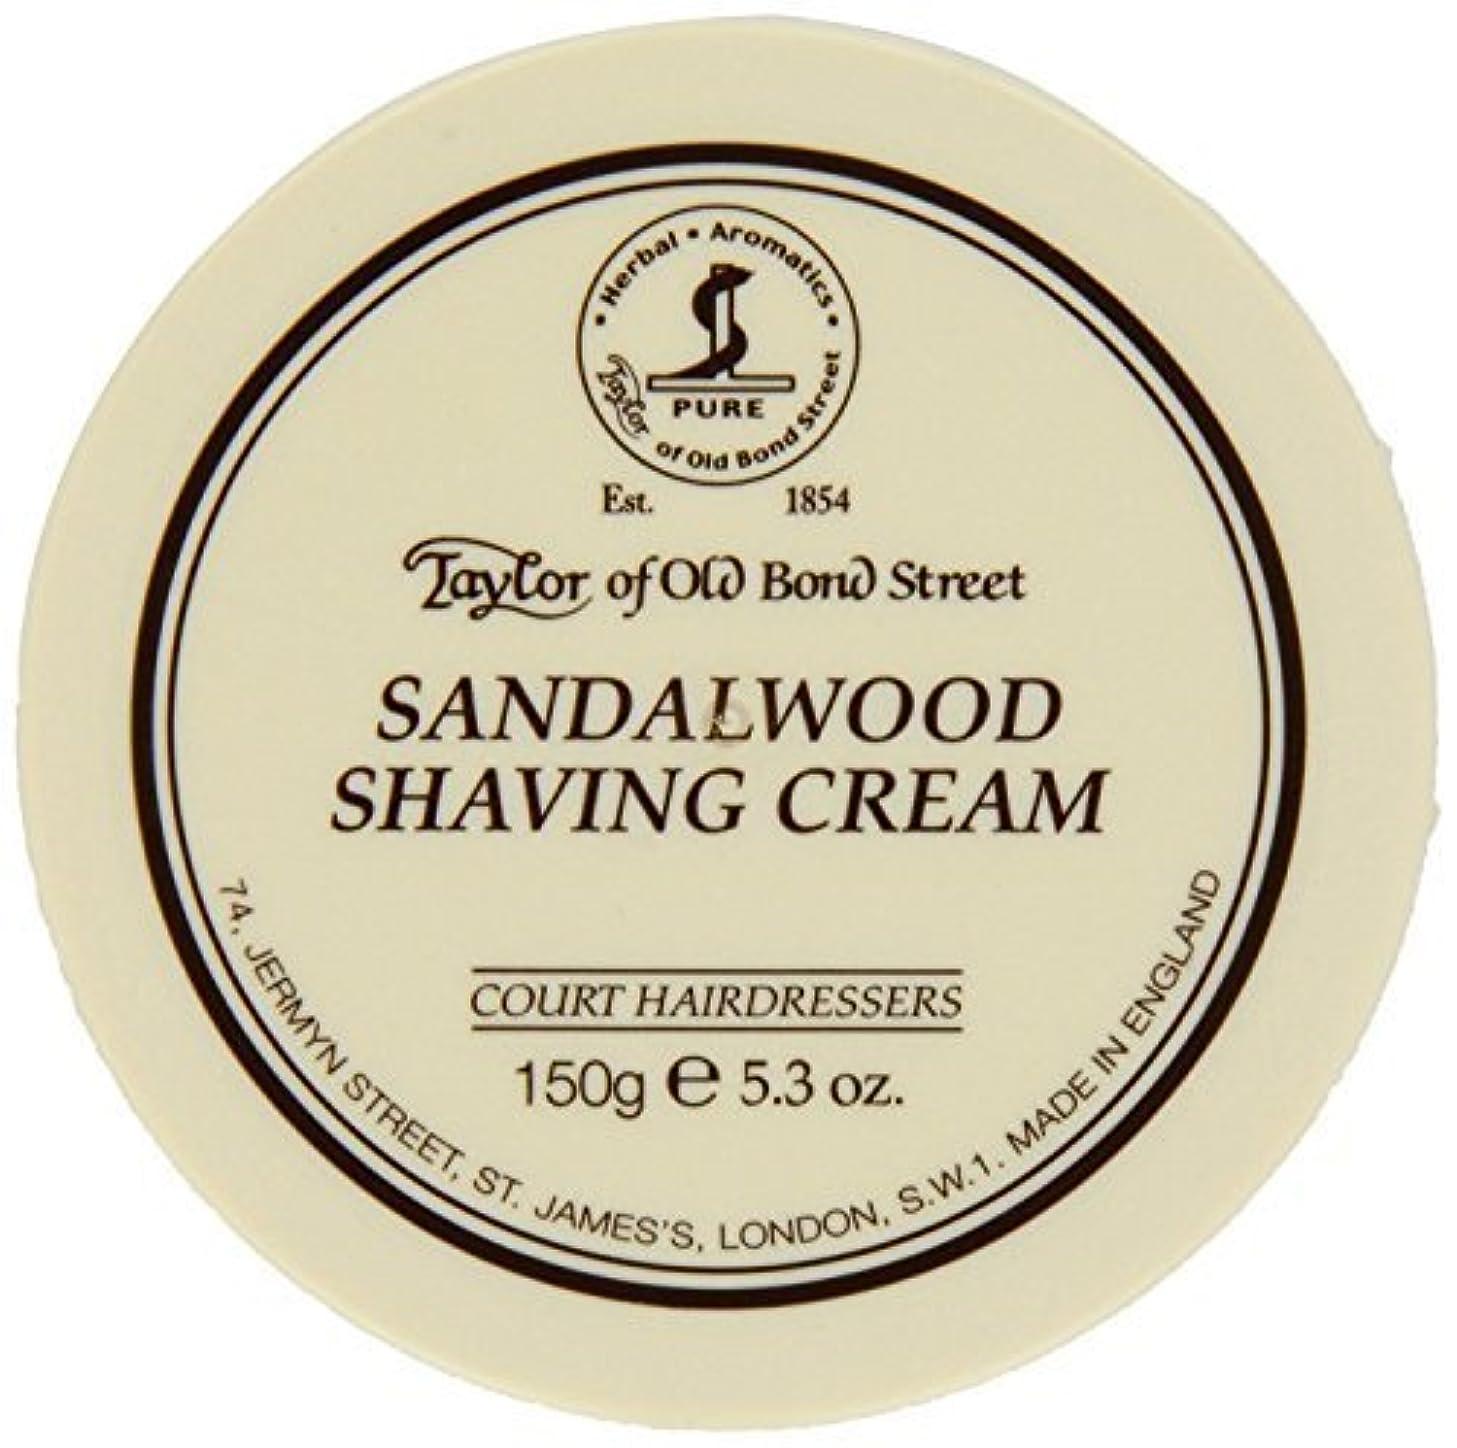 囲まれたラフ睡眠生息地Taylor of Old Bond Street SHAVING CREAM for SANDALWOOD 150g x 2 Bowls by Taylor of Old Bond Street [並行輸入品]